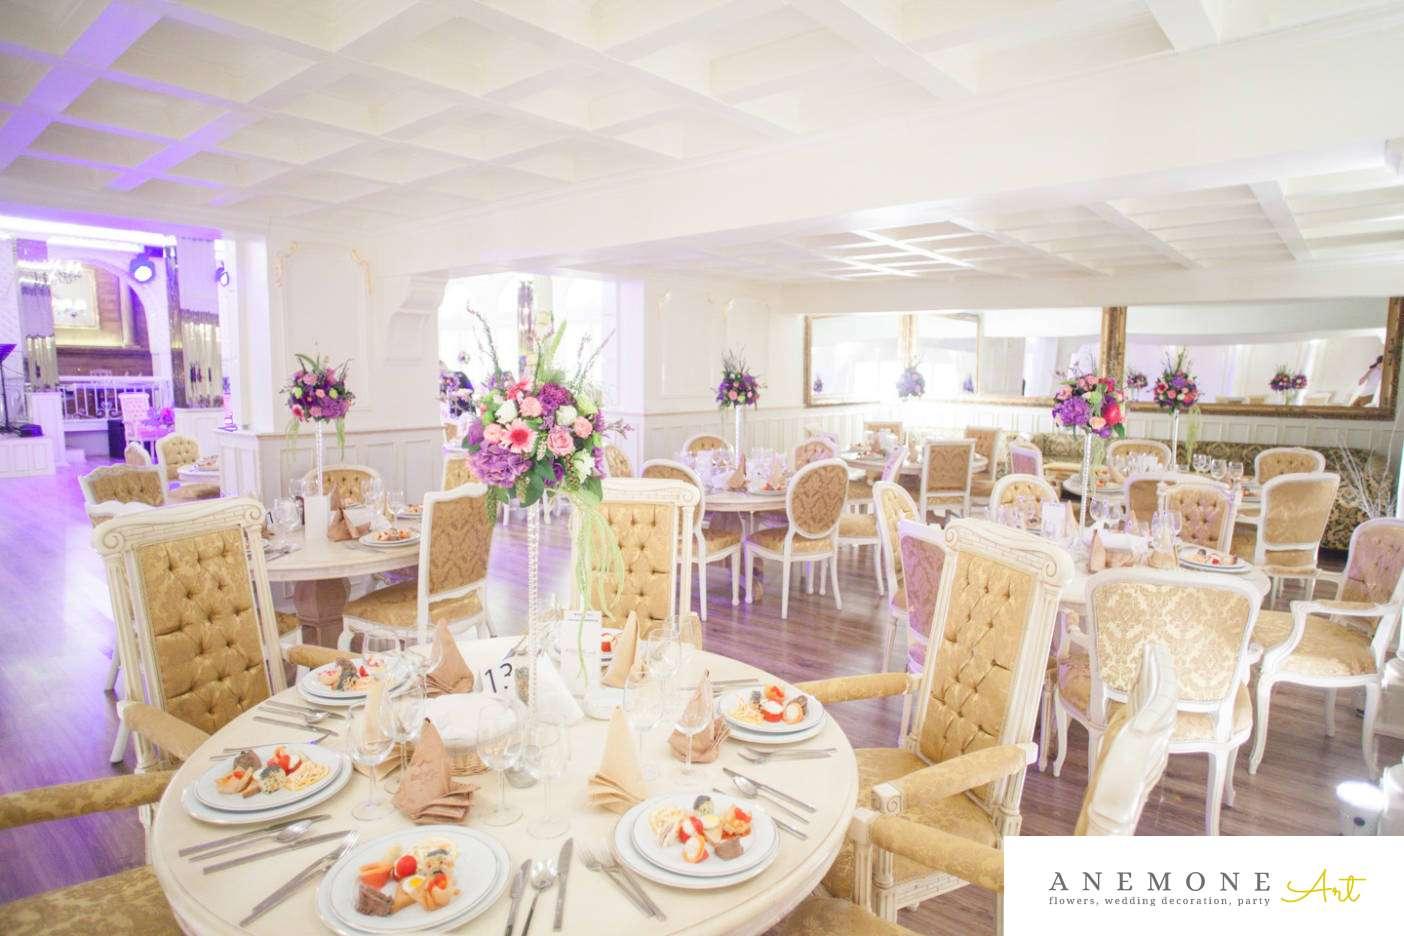 Poza, foto cu Flori de nunta decor masa, mov, ticlam, vila carol in Arad, Timisoara, Oradea (wedding flowers, bouquets) nunta Arad, Timisoara, Oradea